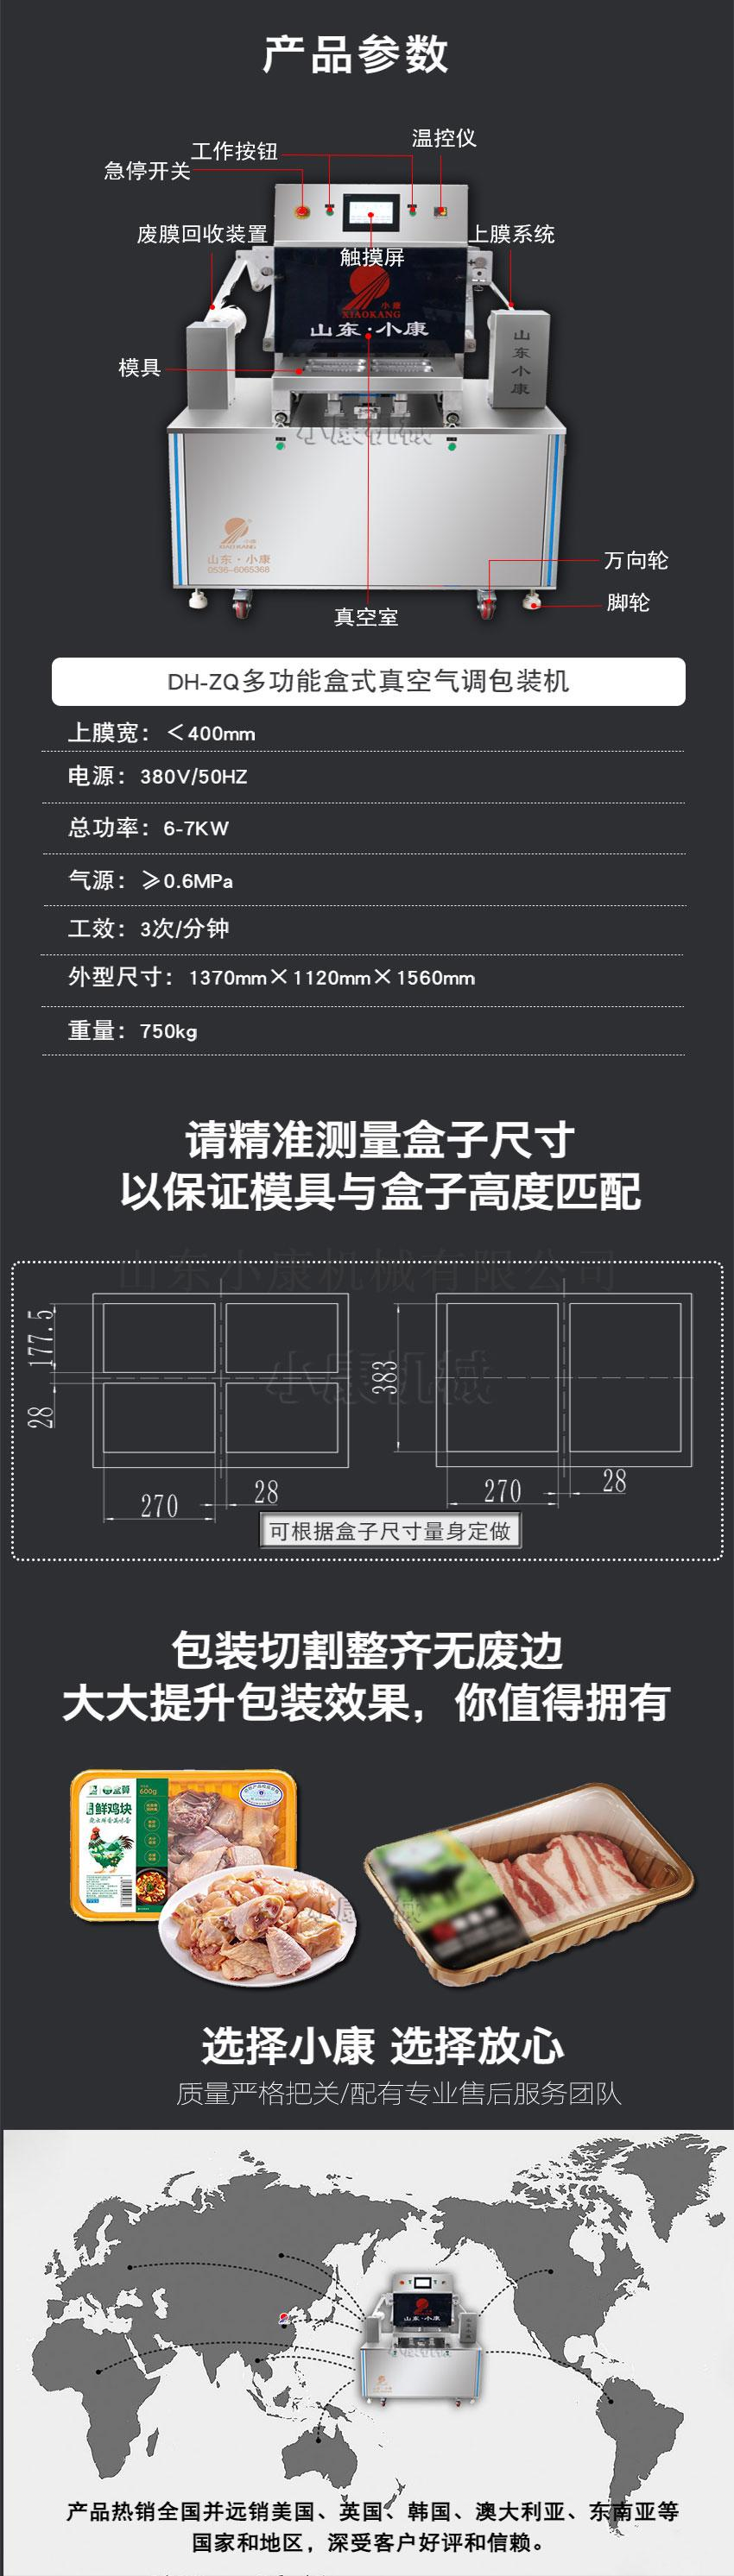 盒式真空气调包装机-恢复的详情页_03.jpg